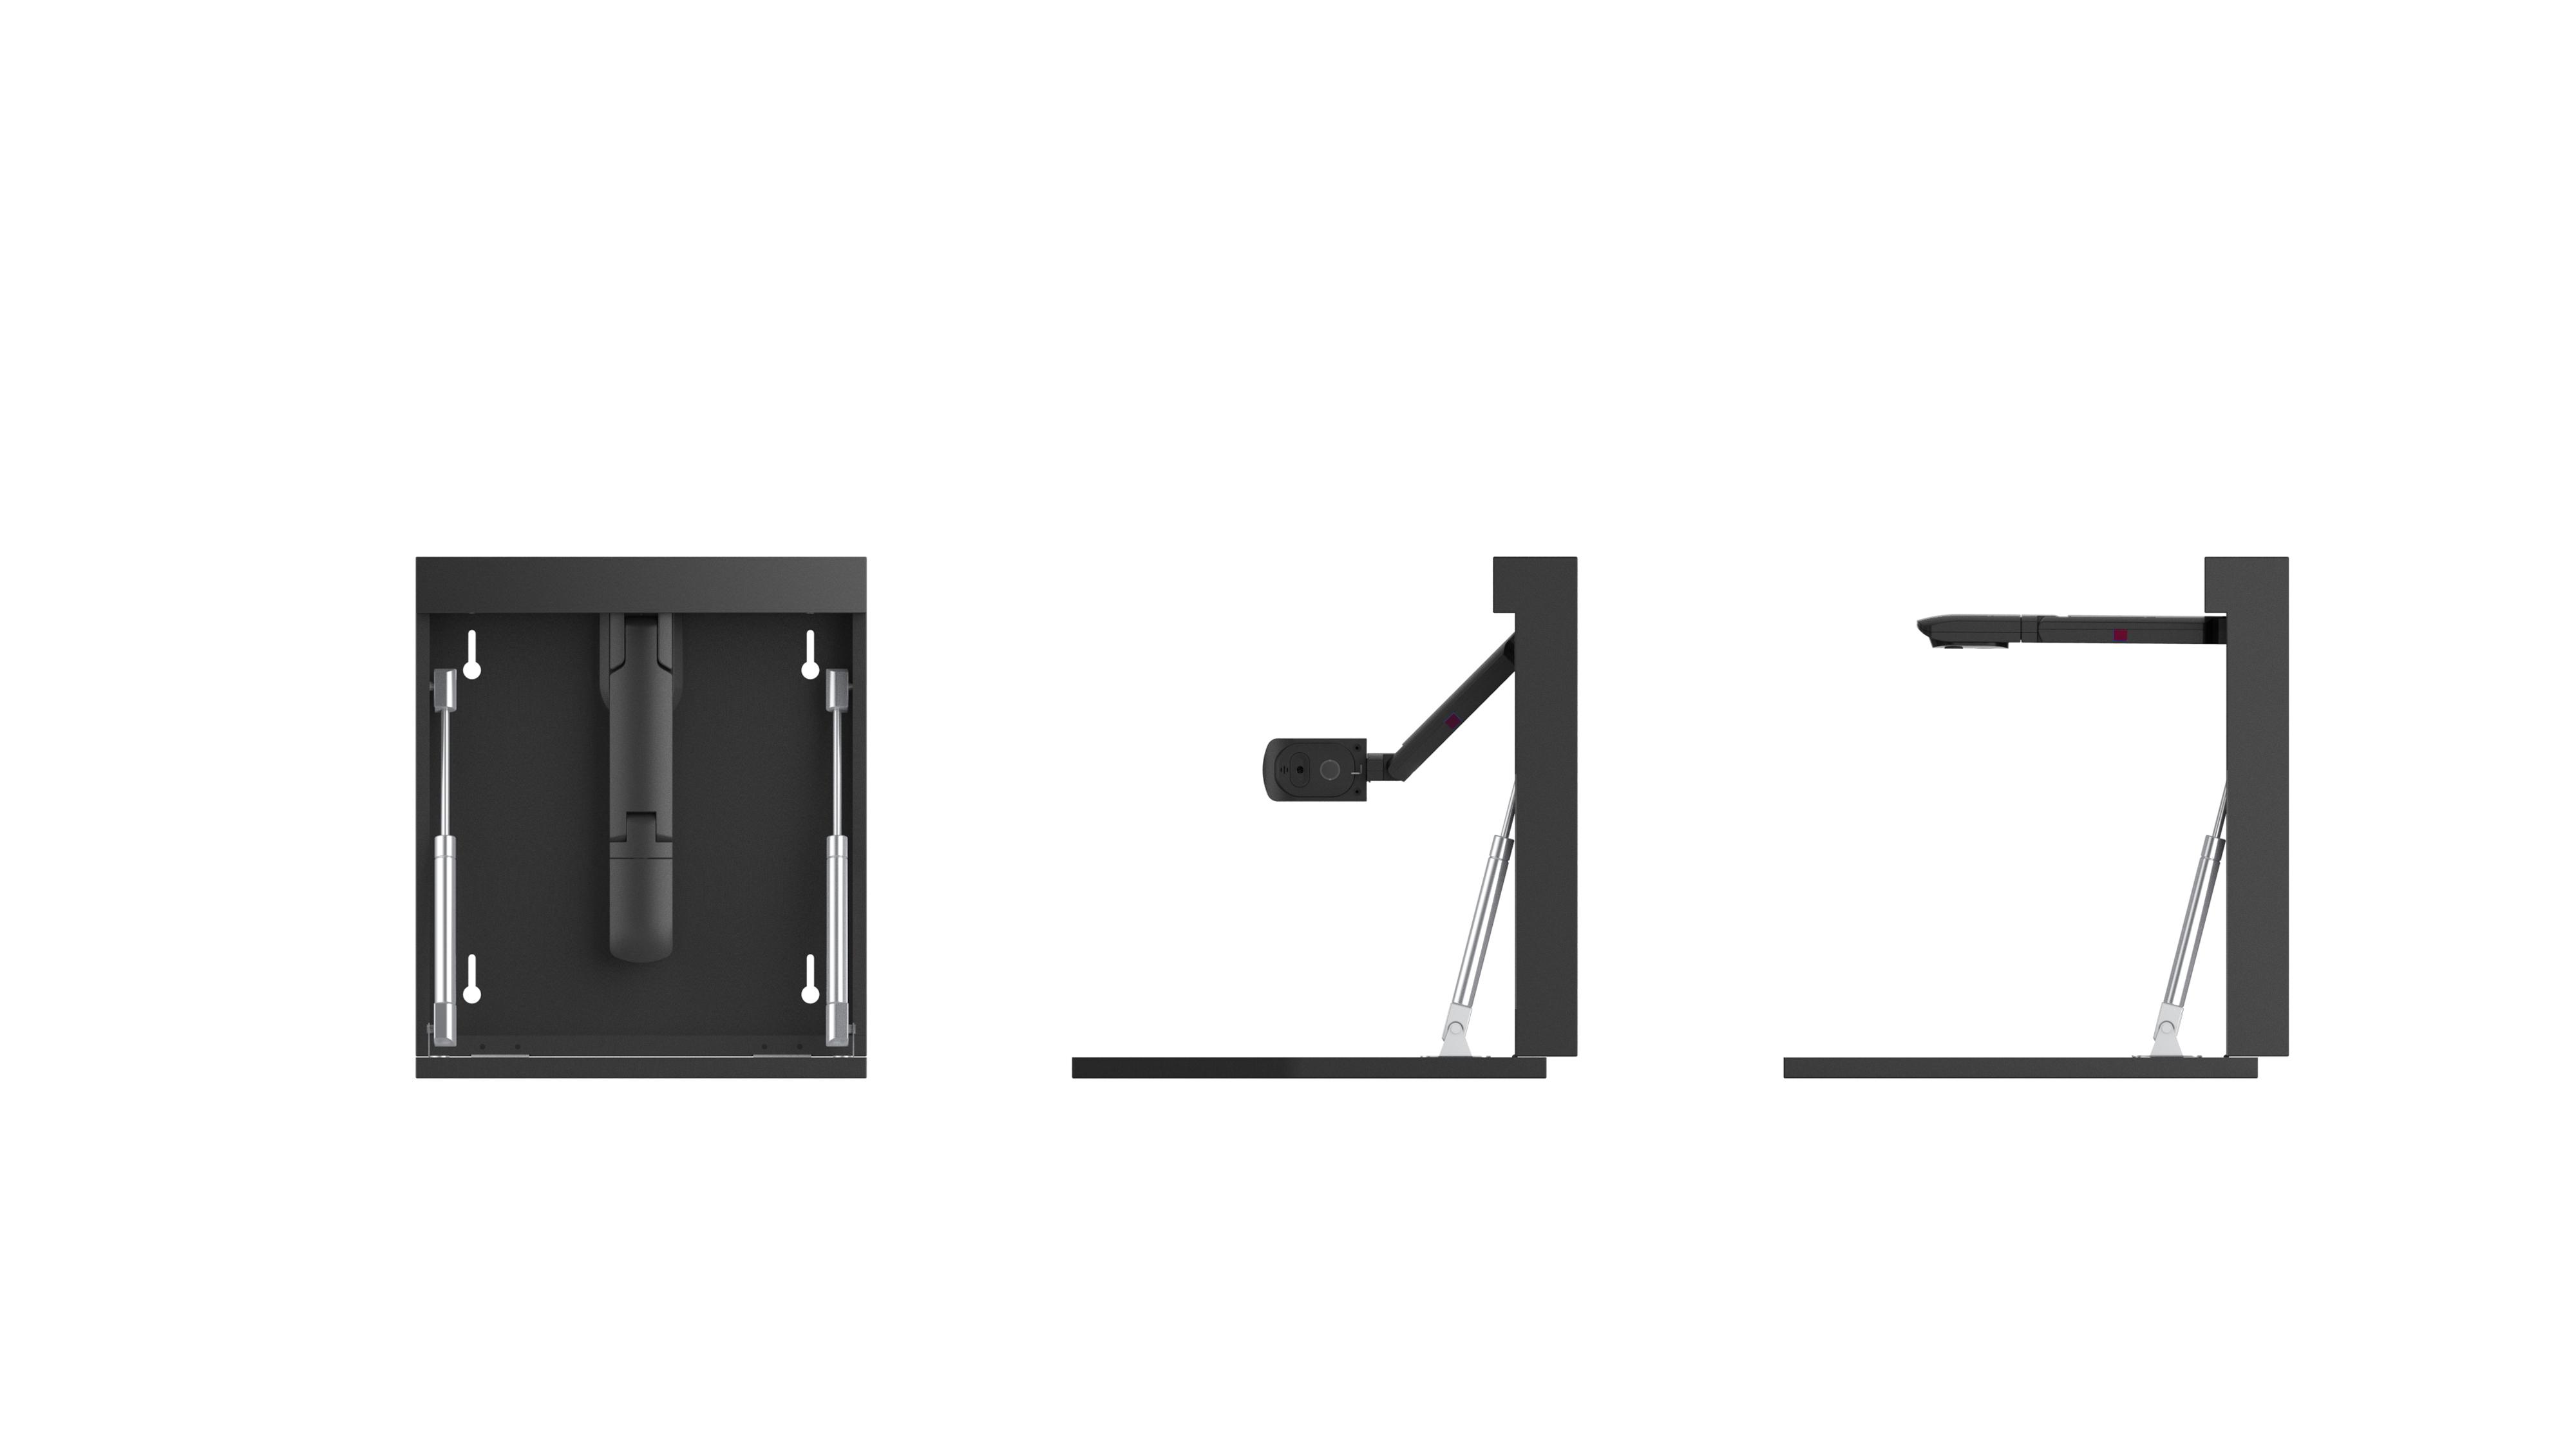 福建品质壁挂展台供应——壁挂展台订做